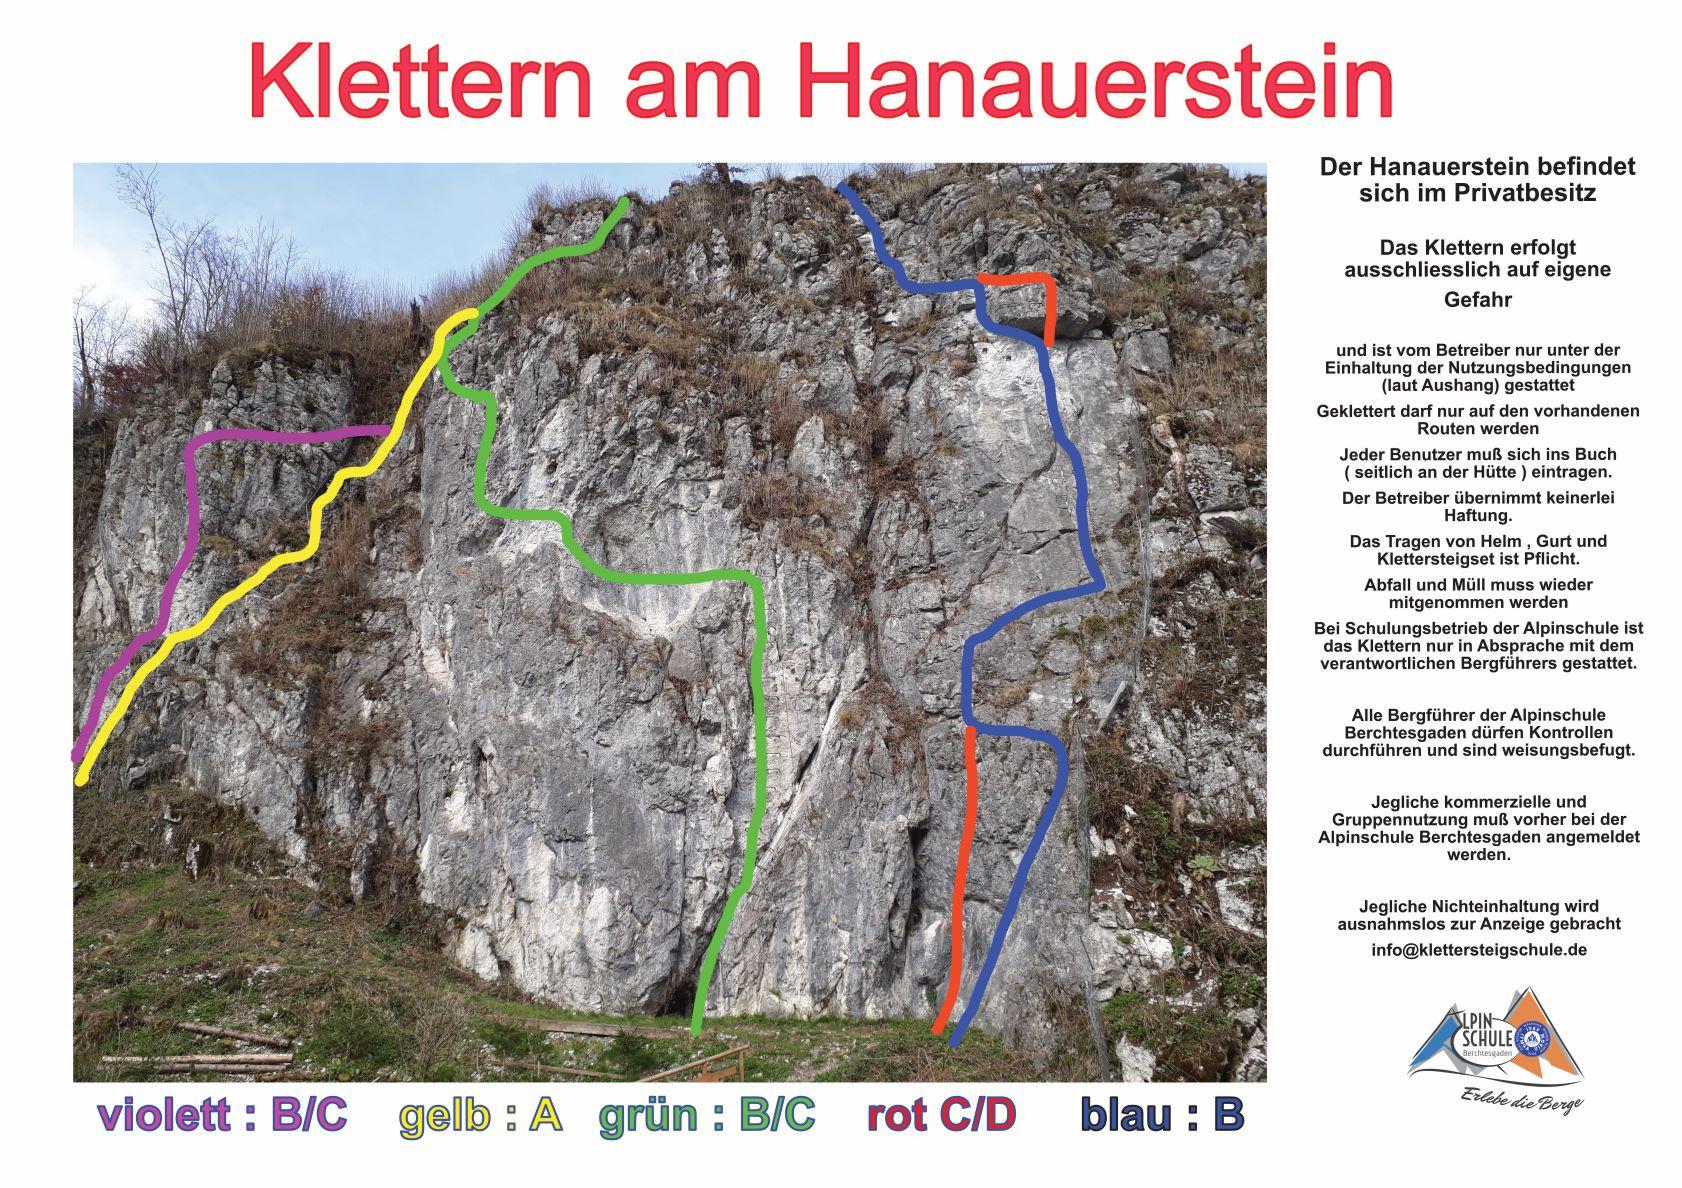 Klettern am Hanauerstein